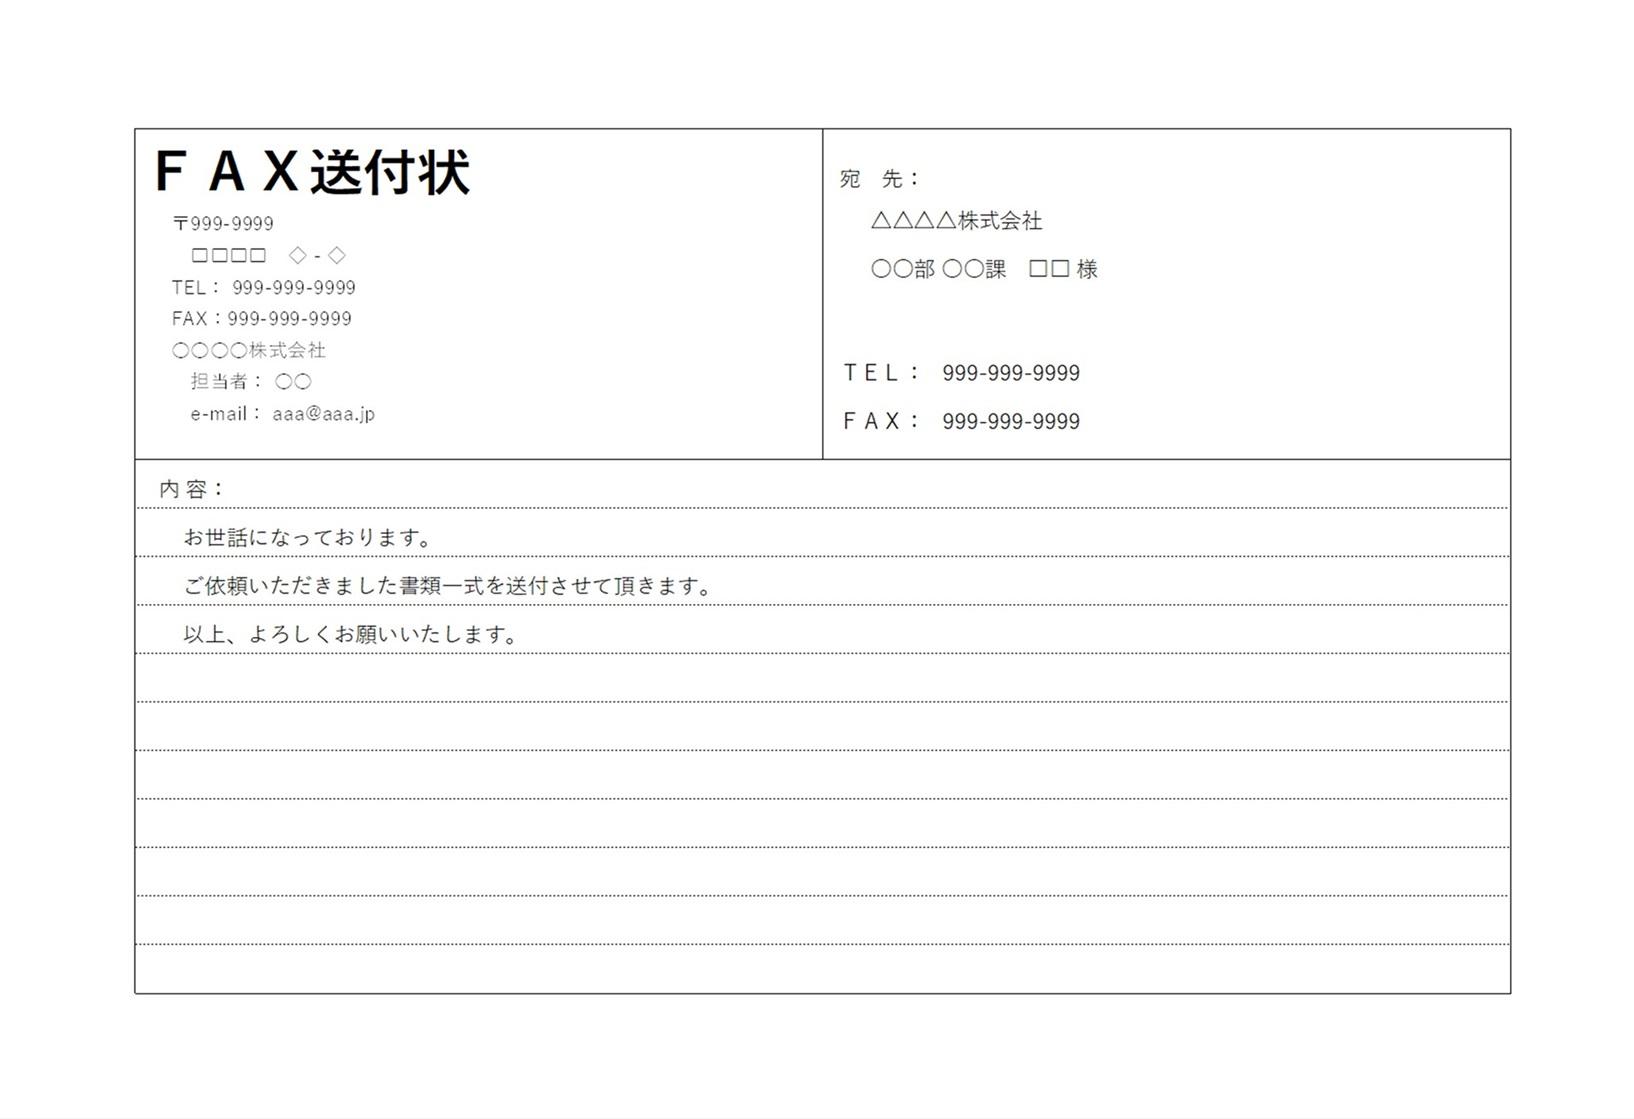 横様式のビジネス向けのFAX送付状の無料テンプレート素材